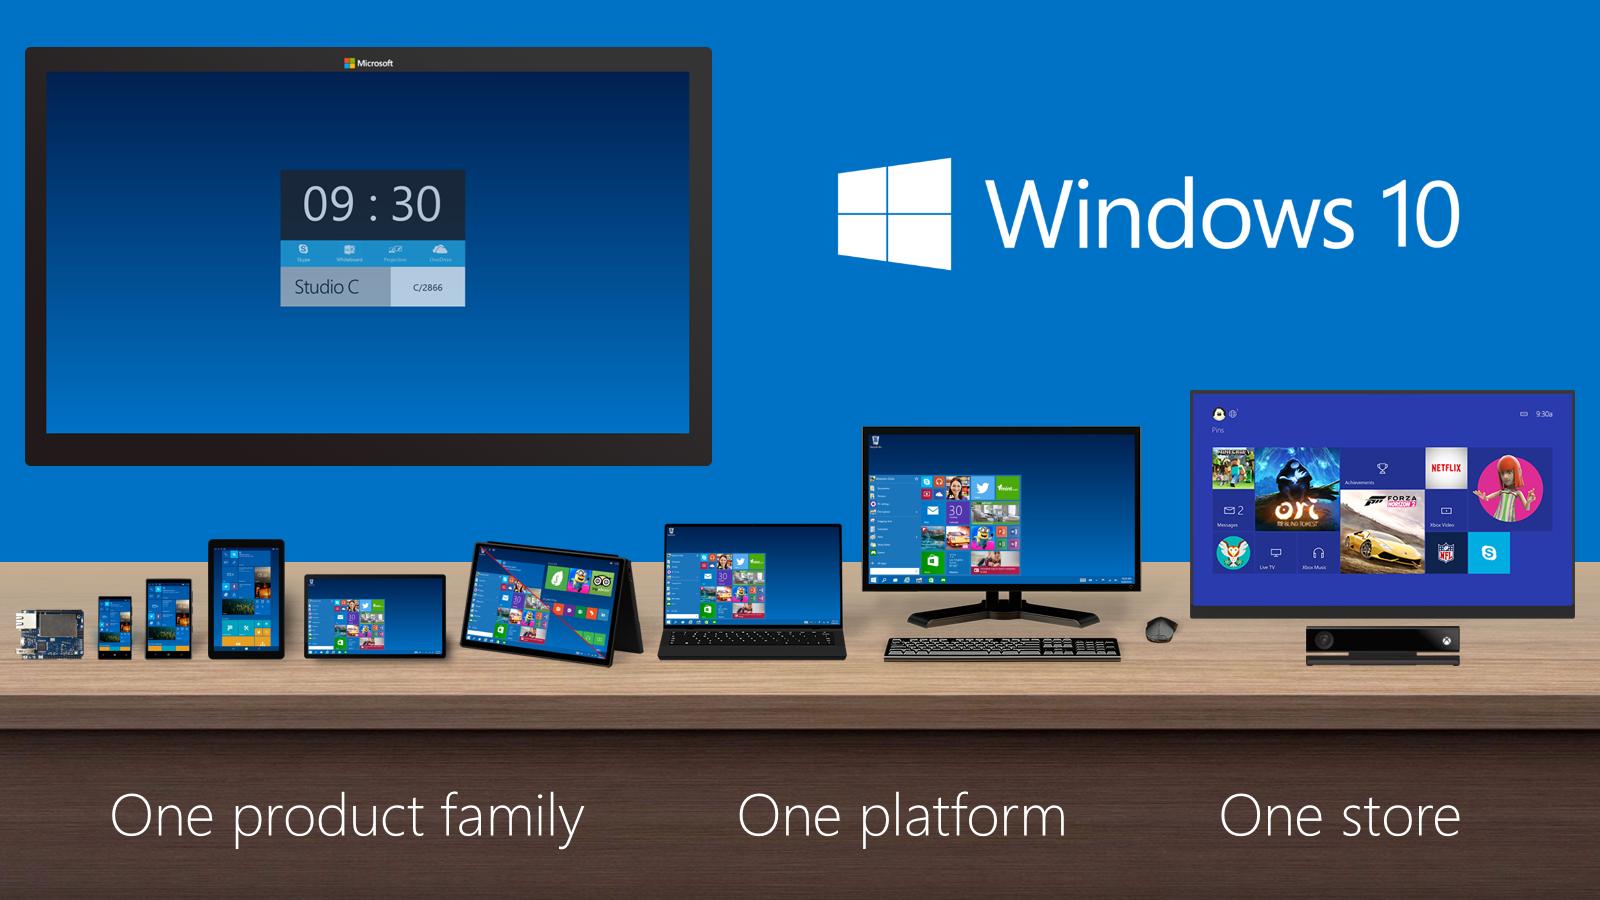 Windows 10 udkommer i dag